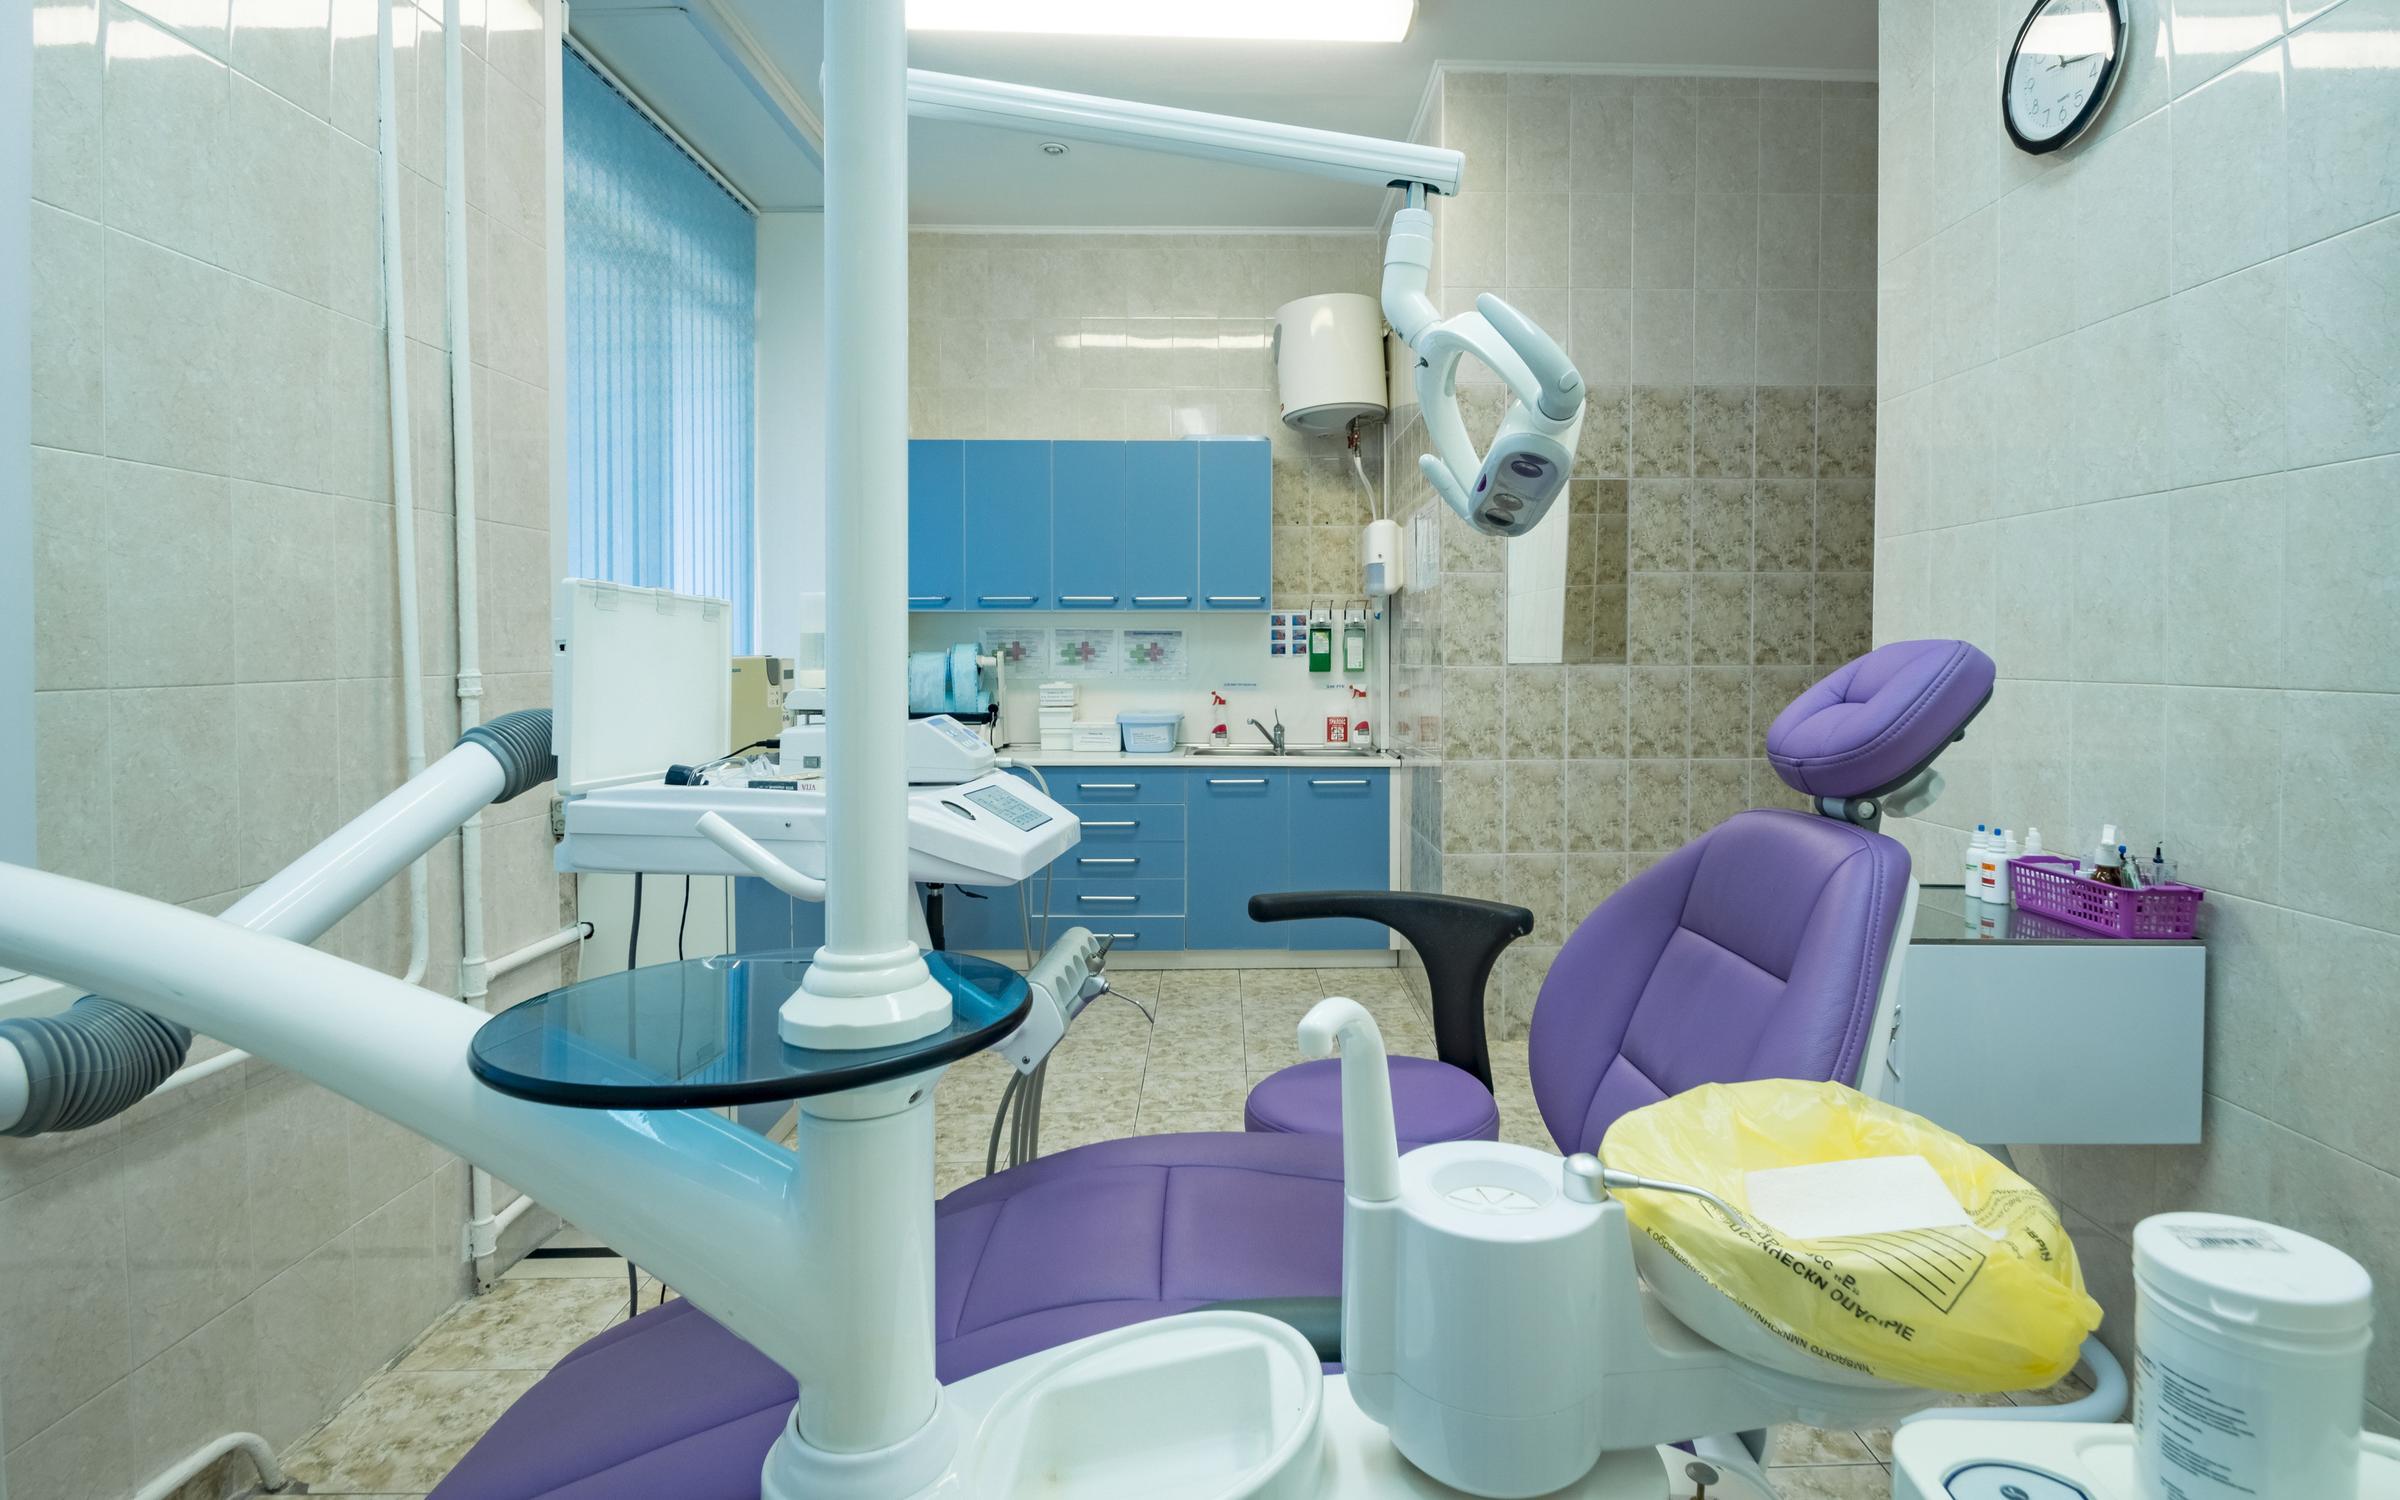 фотография Стоматологической клиники КерамДент на улице Ленина в городе Бор